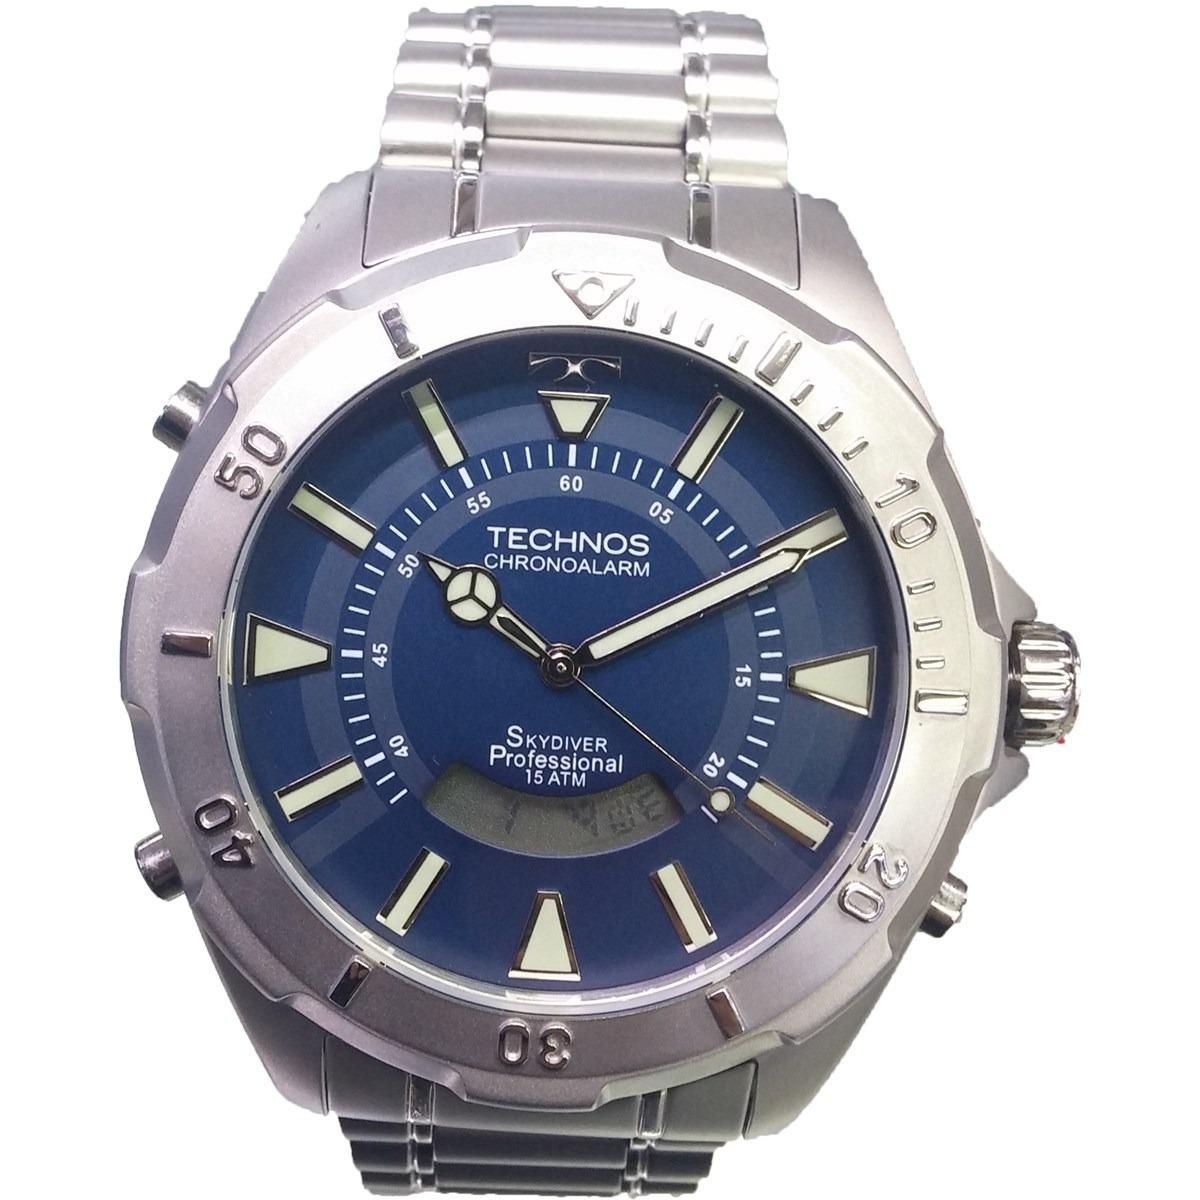 Relógio Technos Skydiver Fundo Azul Grande T205fm 1a - R  489,00 em ... 15ec65a6ab